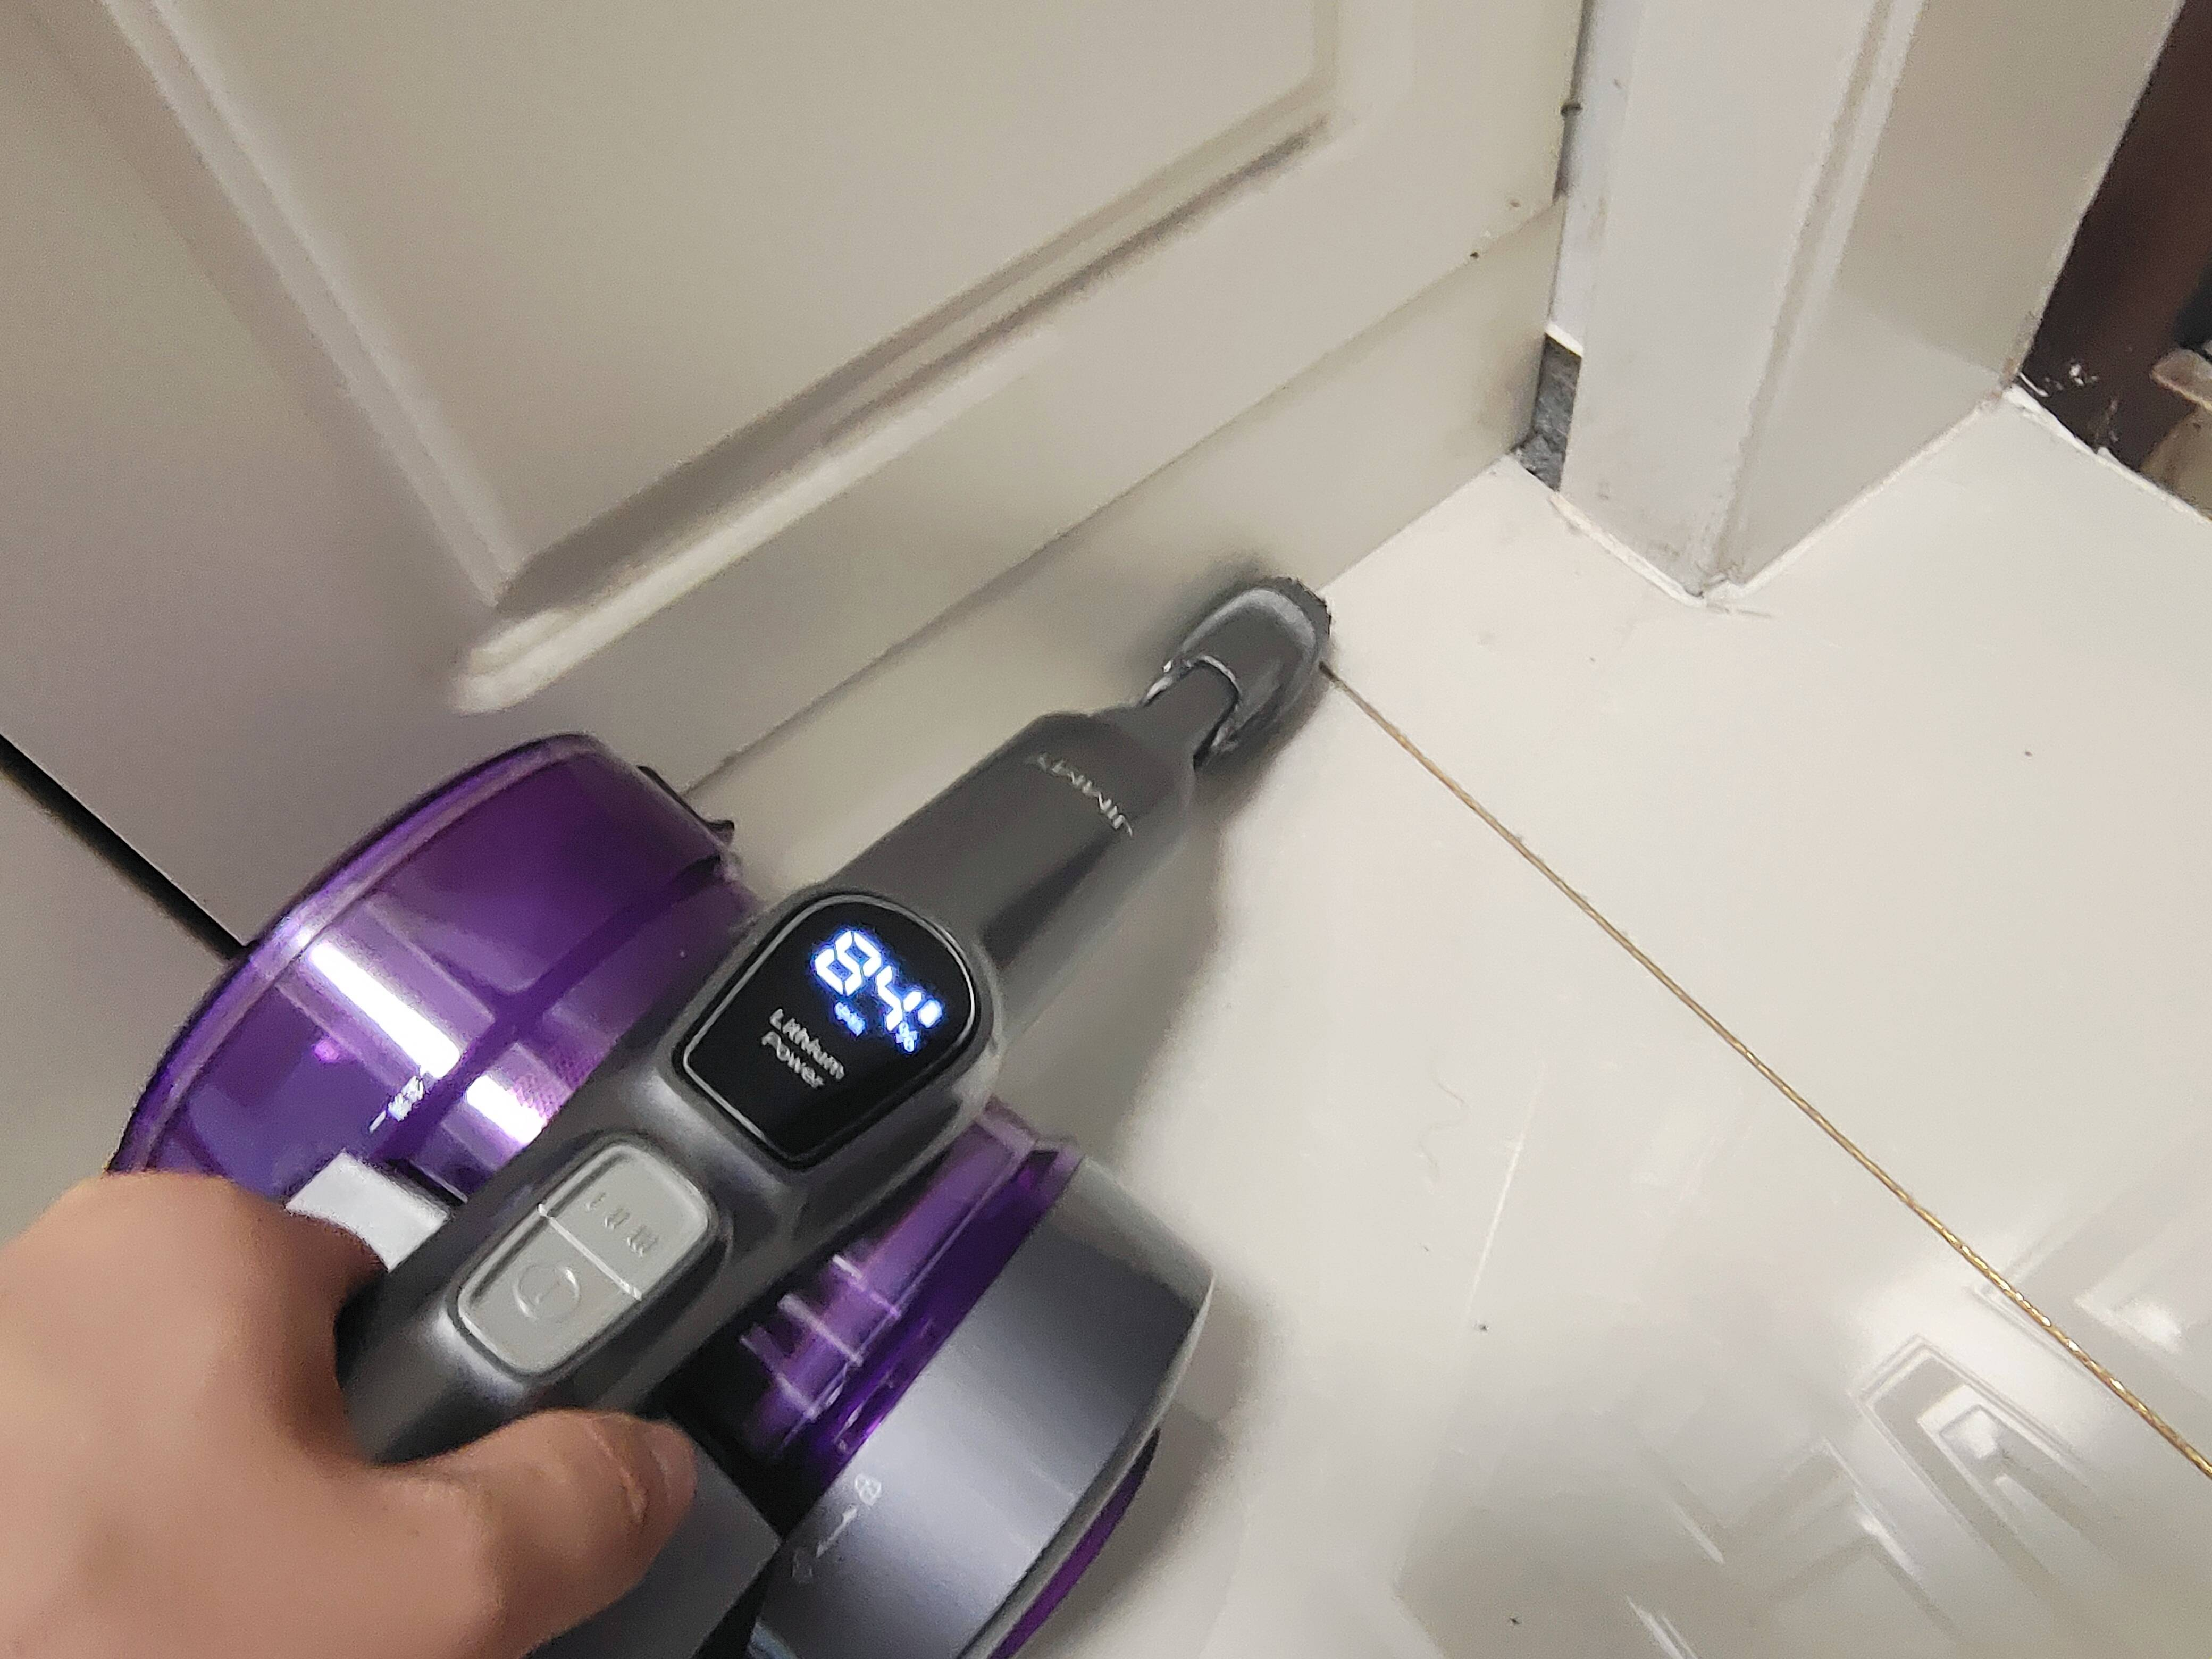 清理无死角,灰尘无处躲——吉米A8上手把吸尘器测评